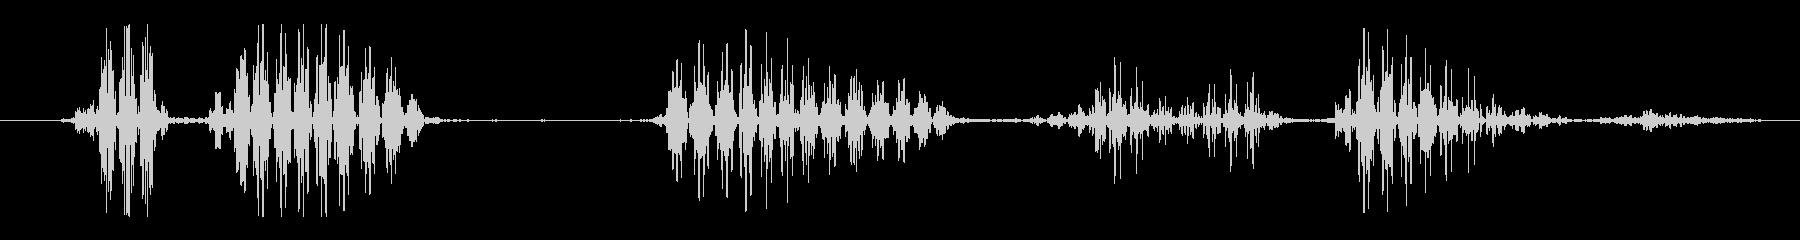 フィクション AI 男性システムス...の未再生の波形